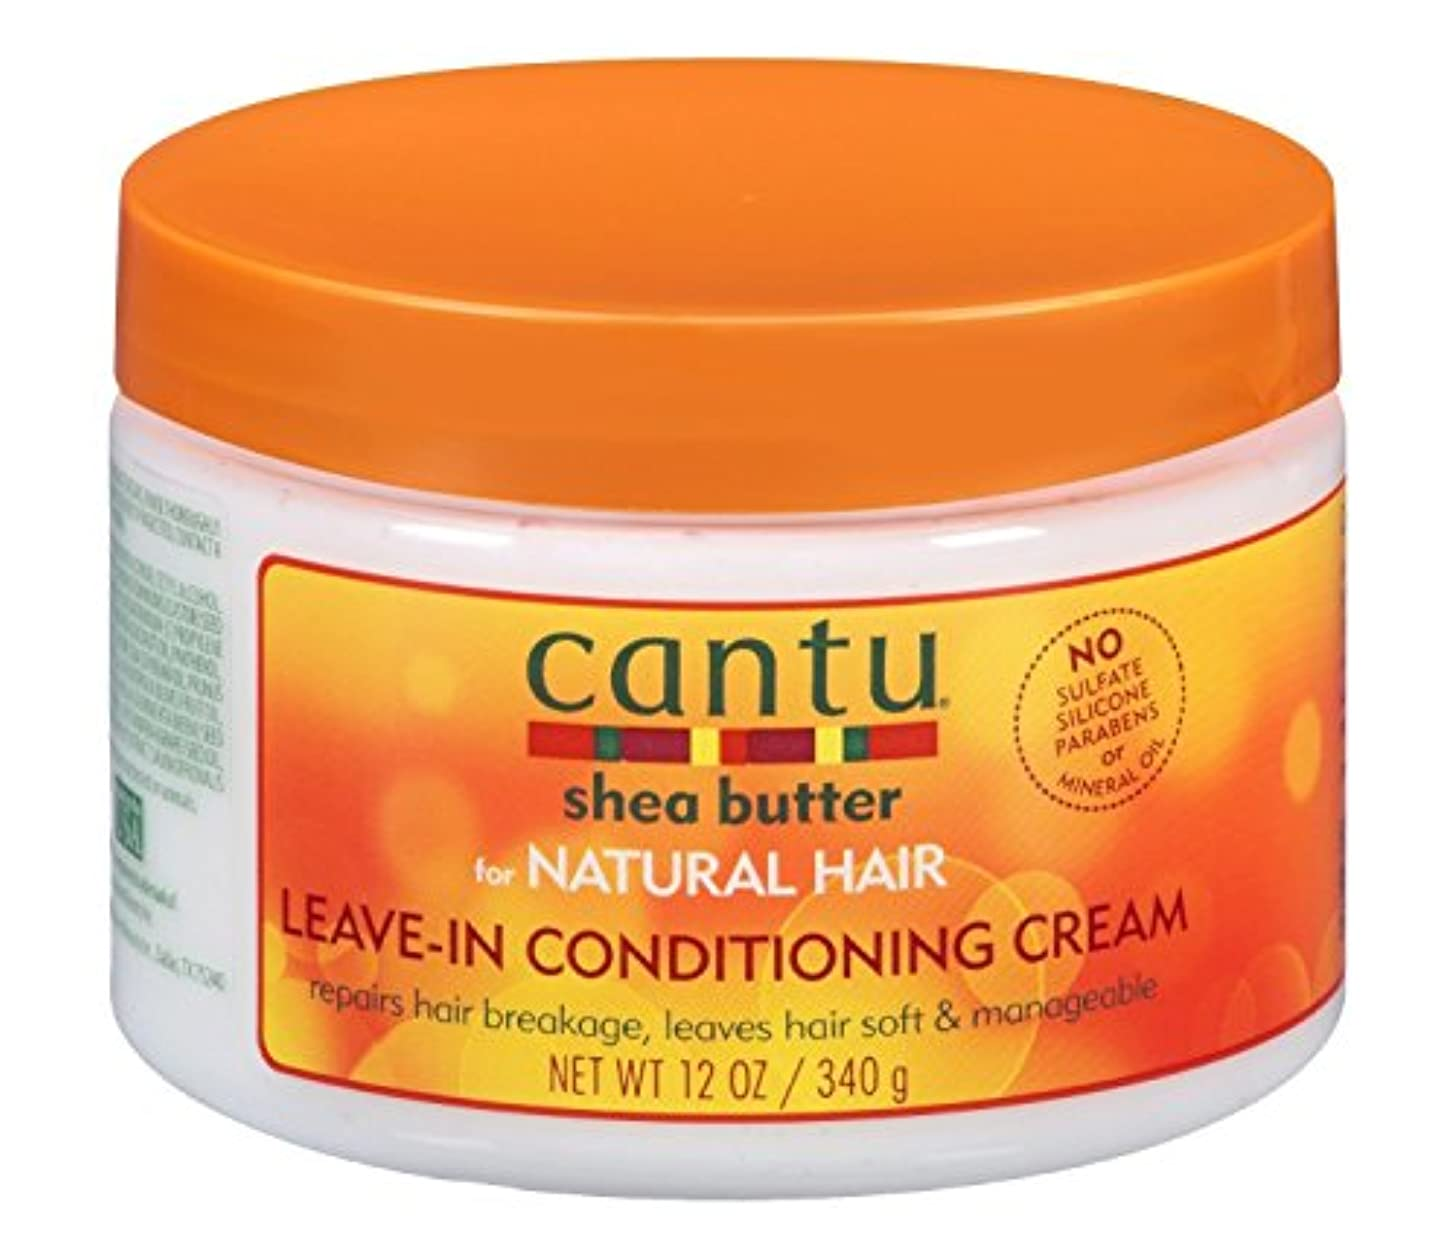 玉後サーフィンCantu コンディショニングリペアクリームでナチュラルヘアを残すためにシアバター、12オンス